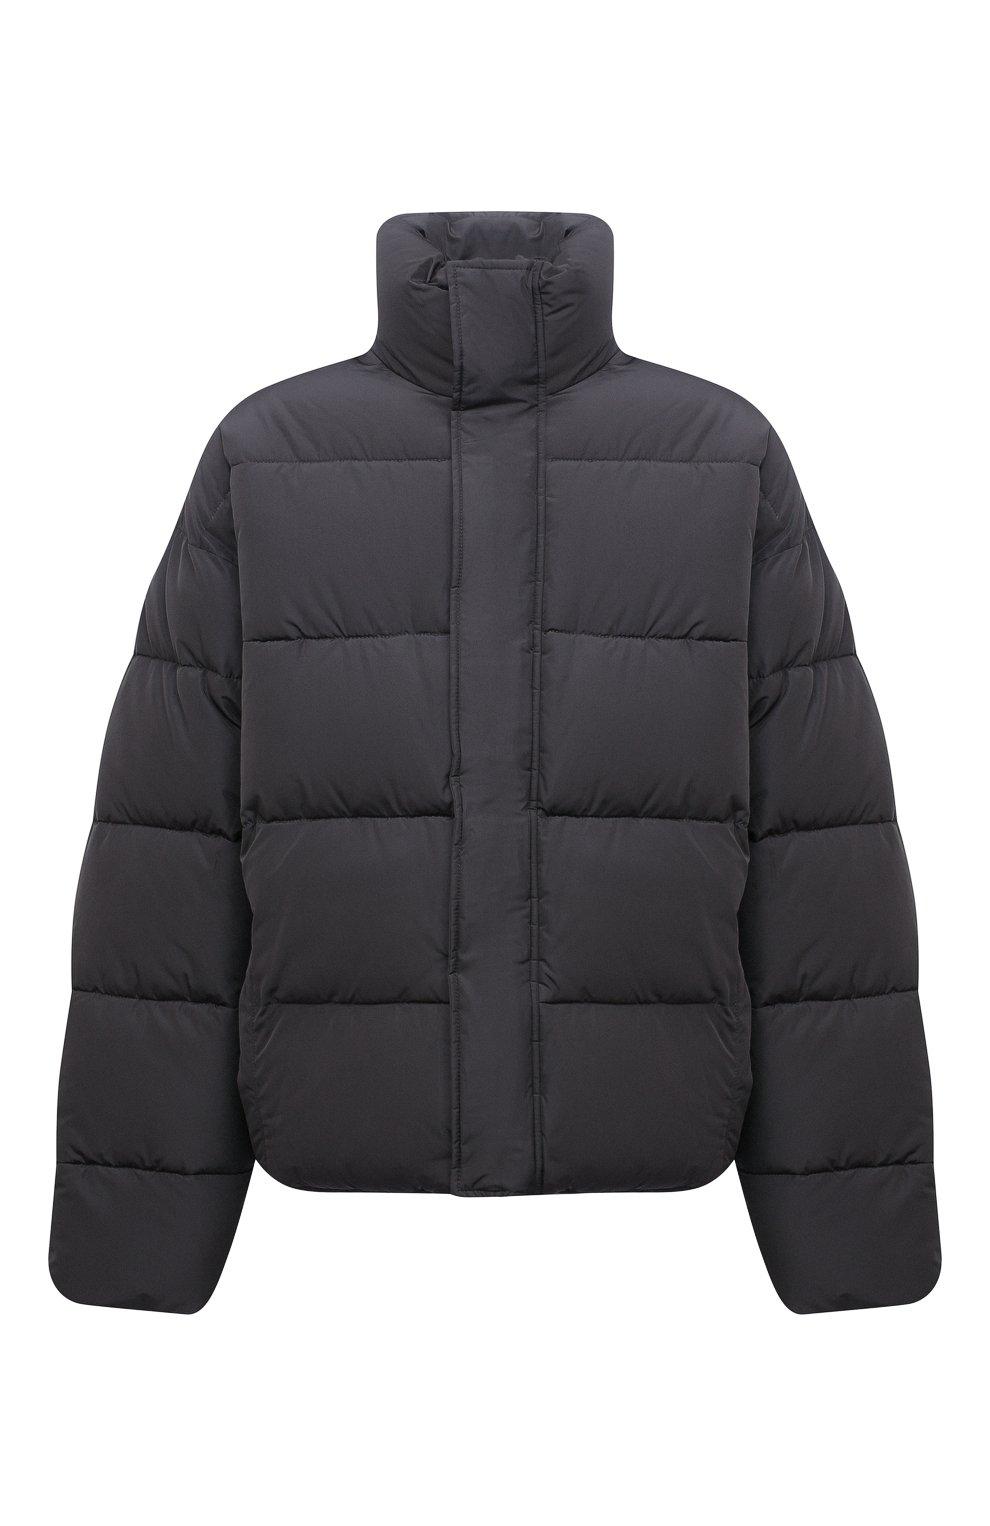 Мужская утепленная куртка BALENCIAGA серого цвета, арт. 642228/TYD36   Фото 1 (Кросс-КТ: Куртка; Мужское Кросс-КТ: пуховик-короткий; Рукава: Длинные; Материал внешний: Синтетический материал, Вискоза; Материал подклада: Синтетический материал; Длина (верхняя одежда): Короткие; Стили: Минимализм)